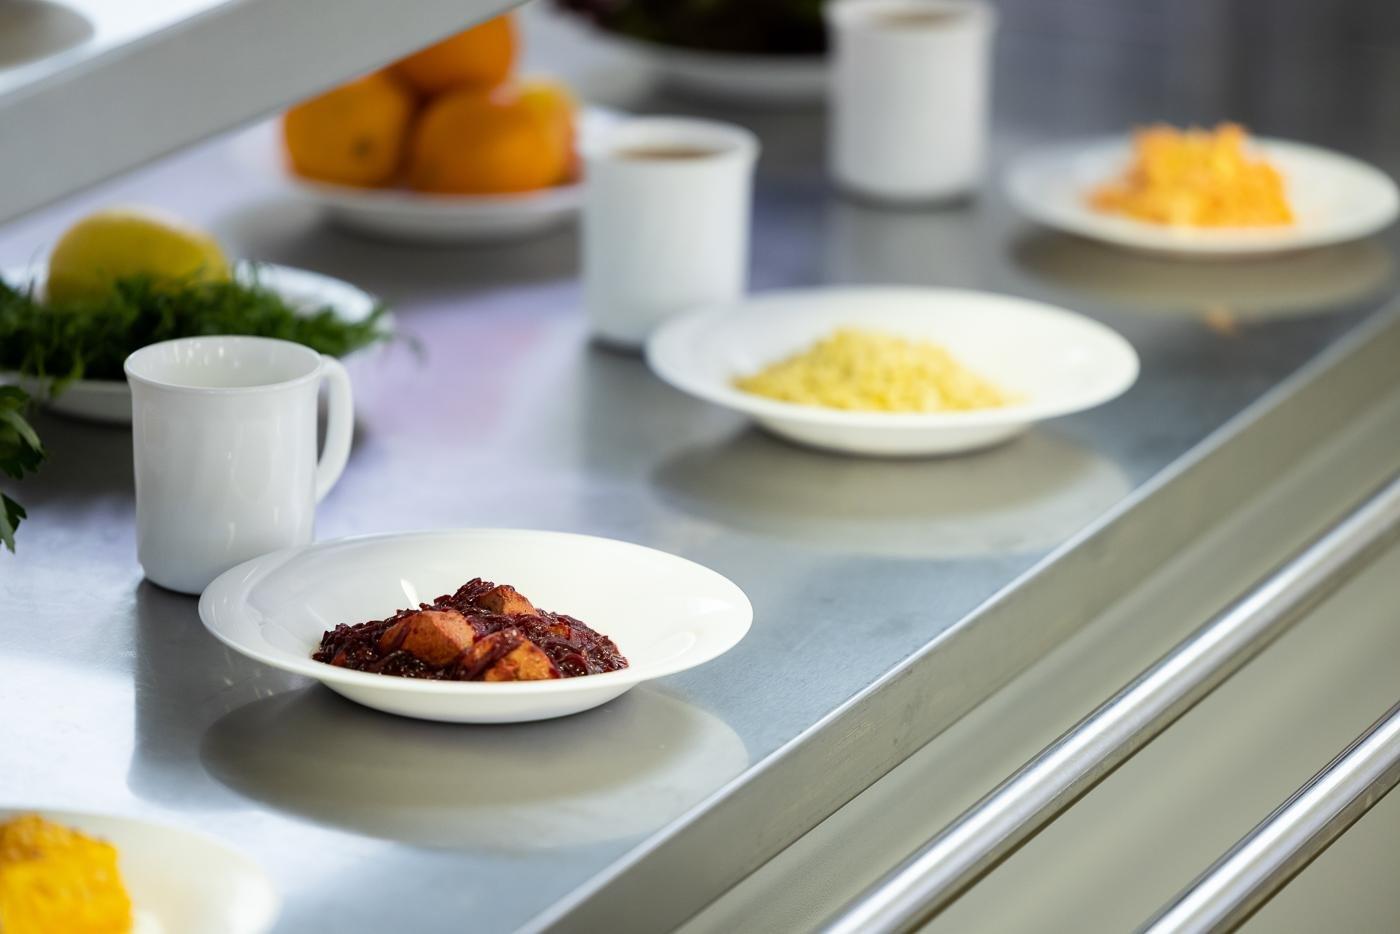 Без солі, сосисок та консервів. Чим годуватимуть дітей у шкільних їдальнях Маріуполя, - ФОТО, фото-4